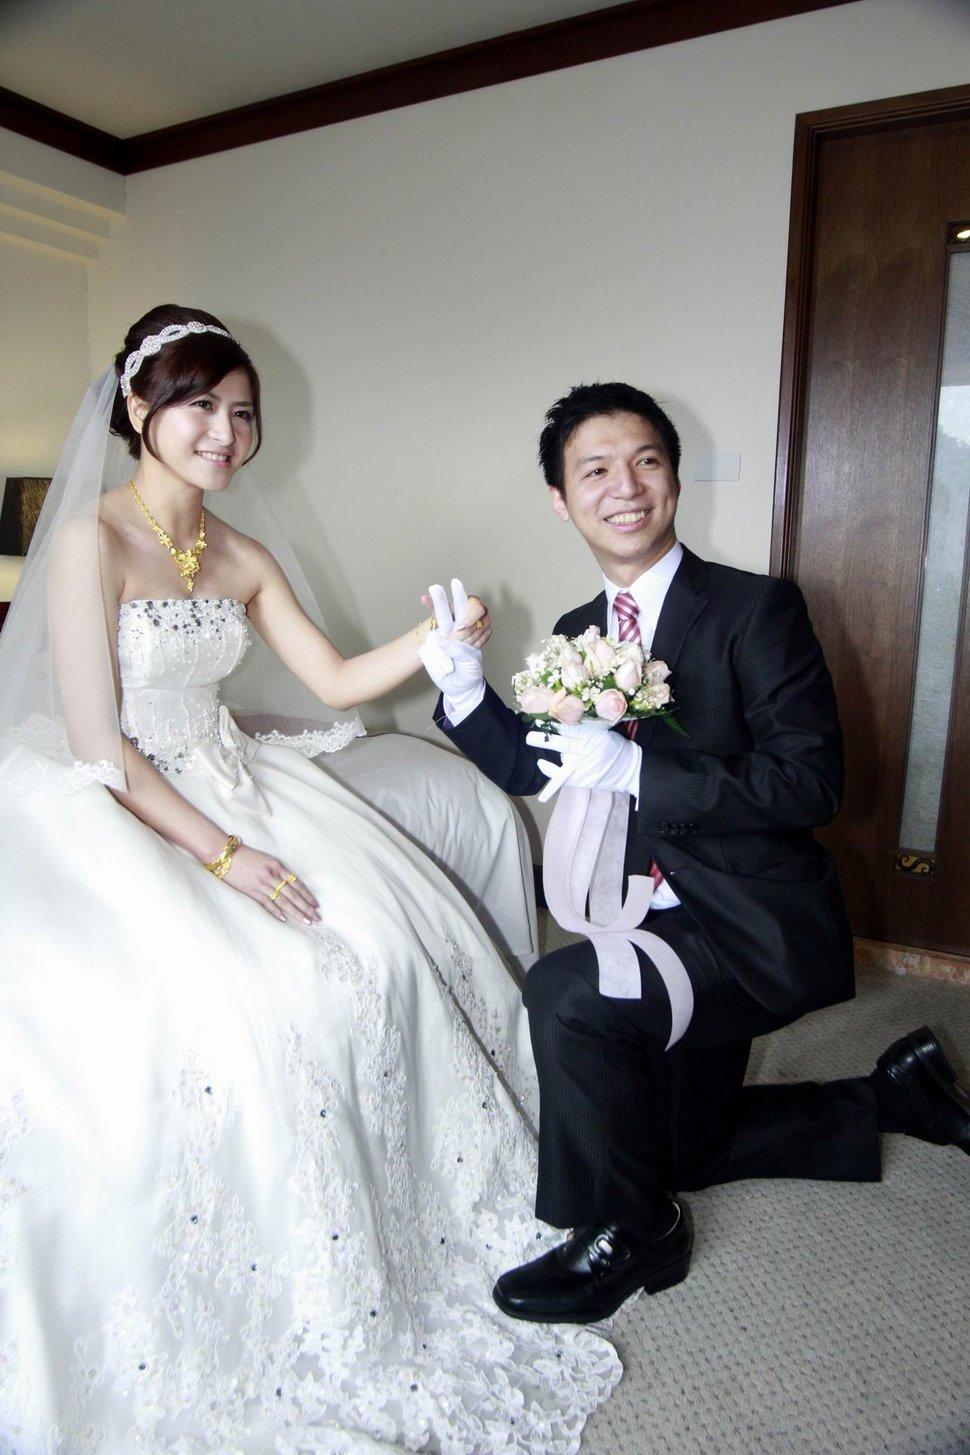 青青食尚花園會館婚禮記錄結婚迎娶婚禮記錄動態微電影錄影專業錄影平面攝影婚紗攝攝影婚禮主持人(編號:196704) - 蜜月拍照10800錄影12800攝影團隊 - 結婚吧